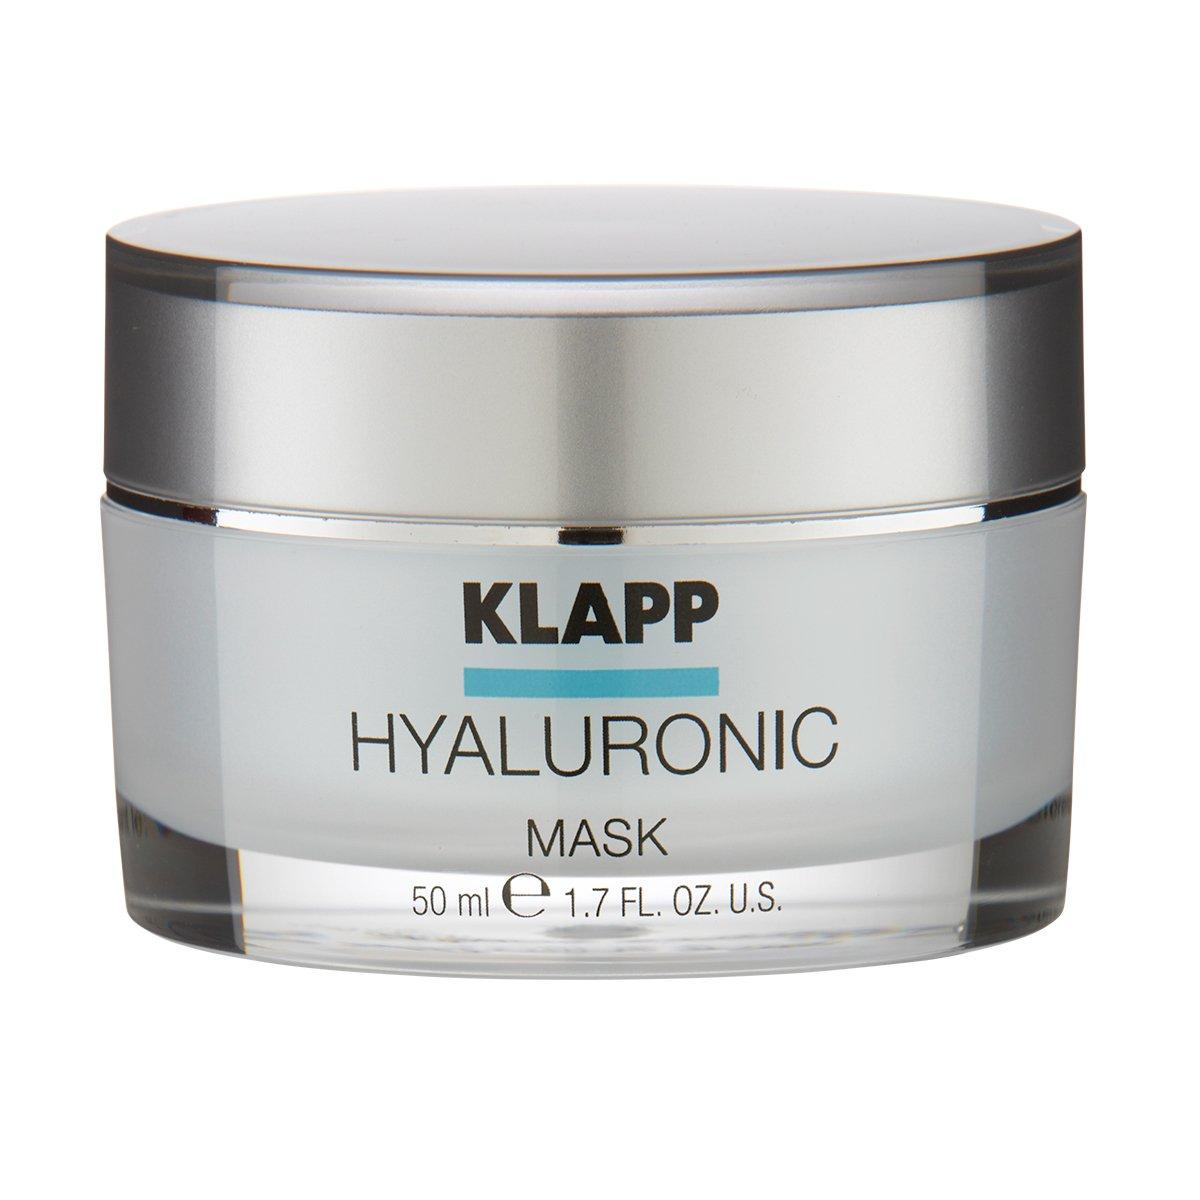 Klapp Hyaluronic Mask Beauty